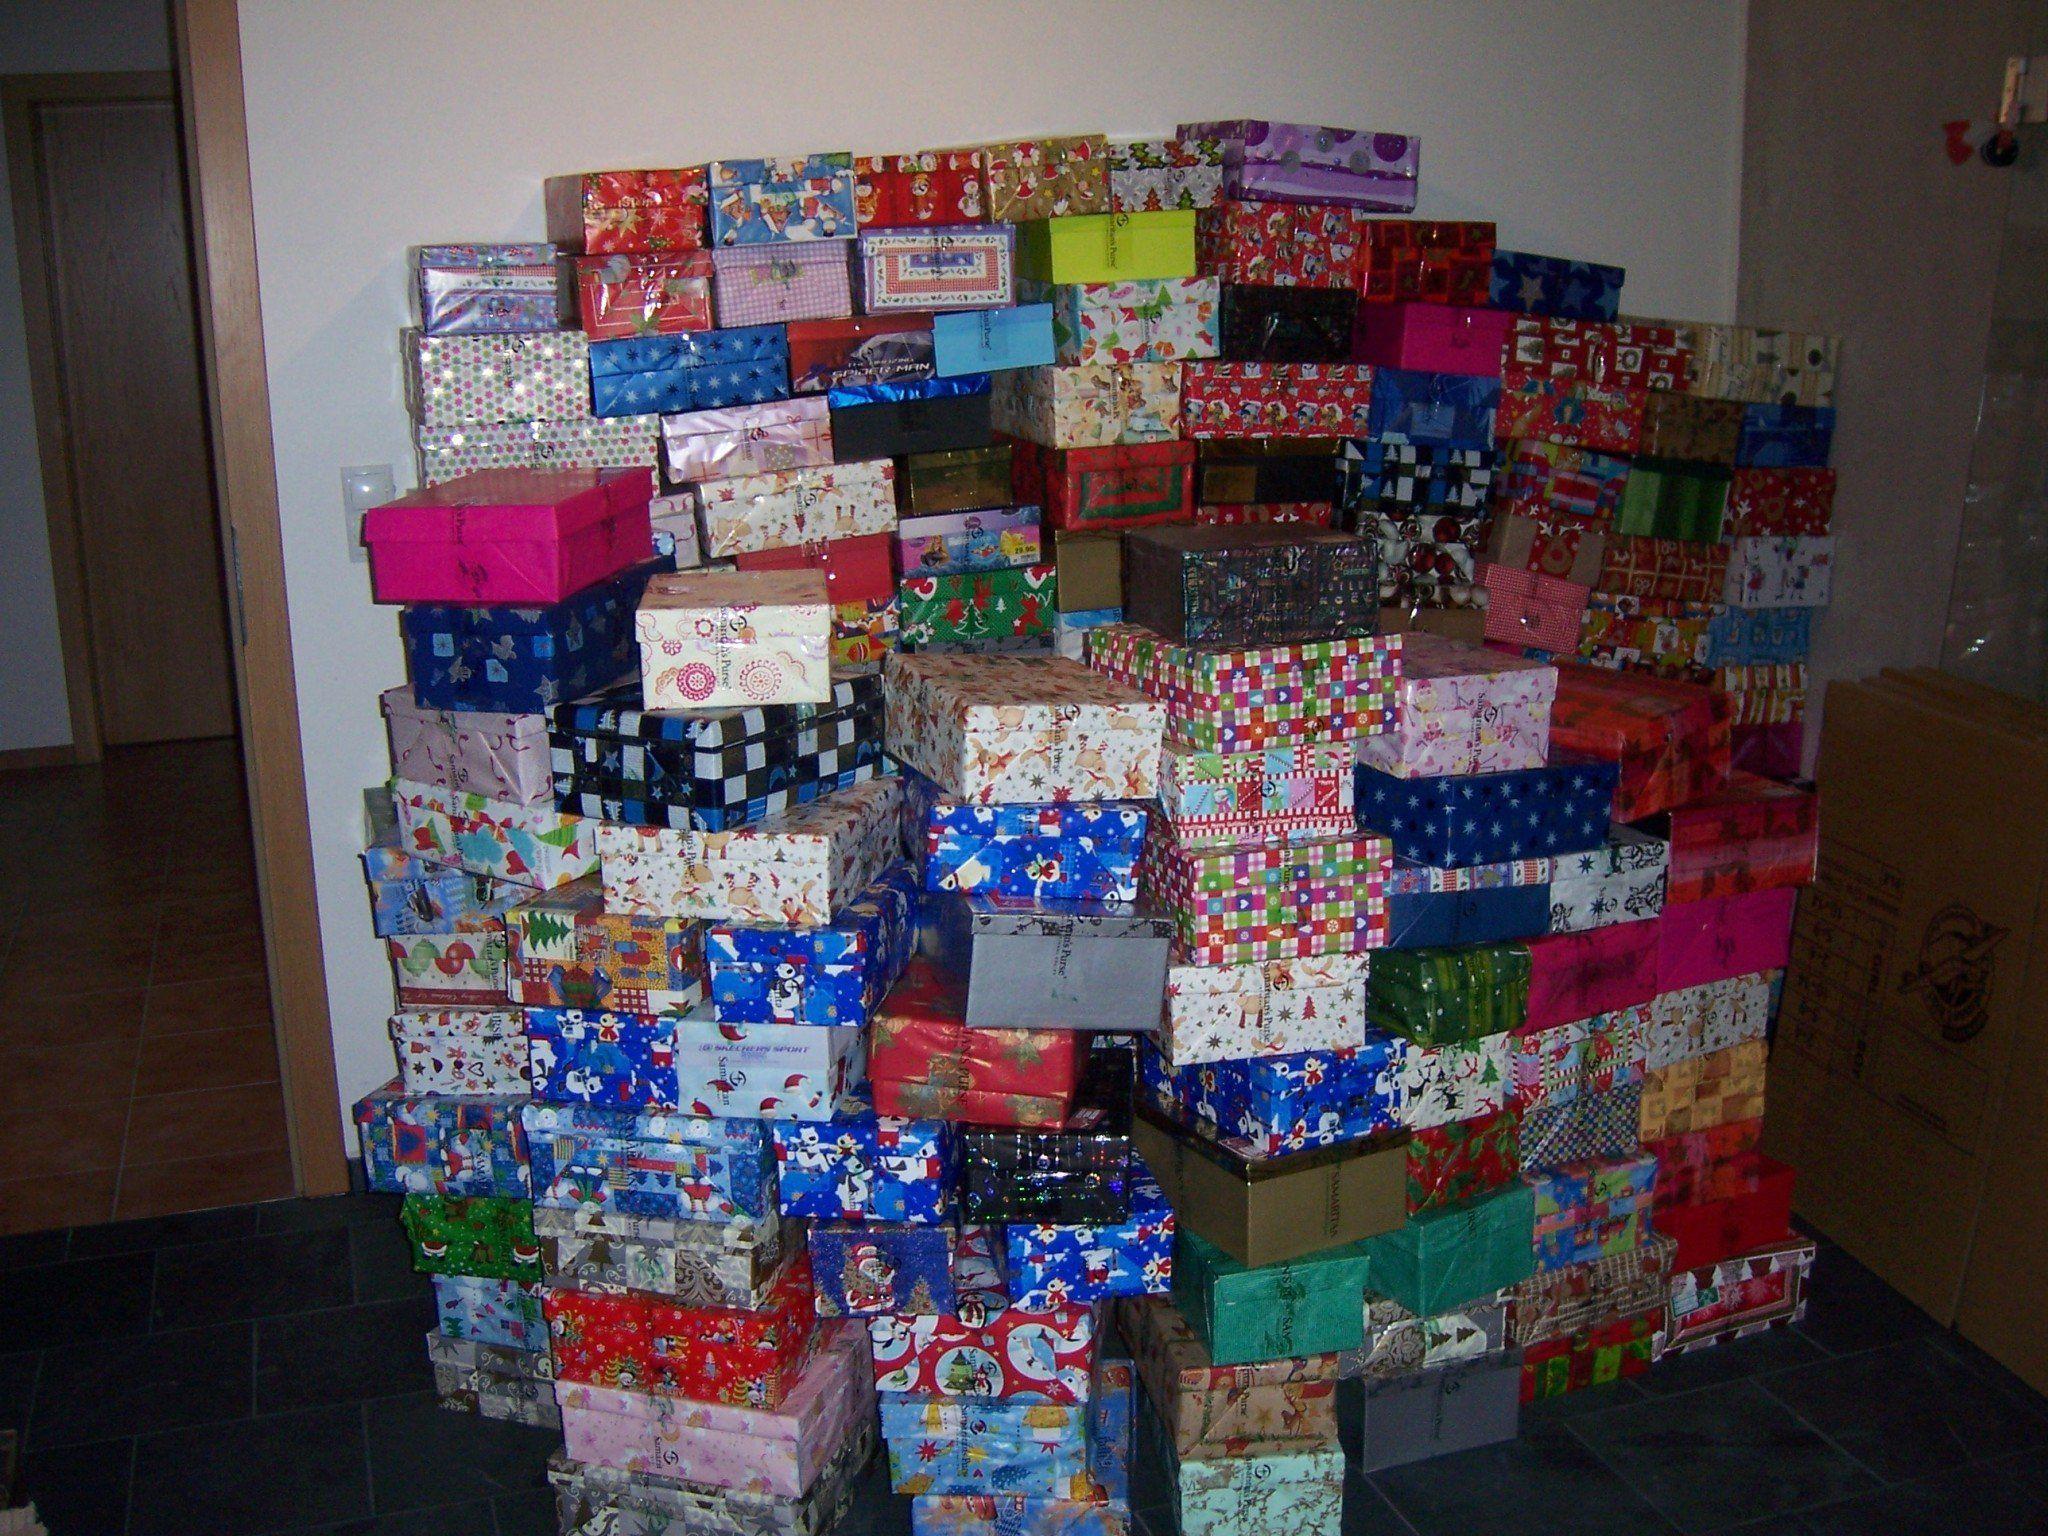 Über 500 bulgarische Kinder werden heuer eine schöne Weihnachtsüberraschung erleben.